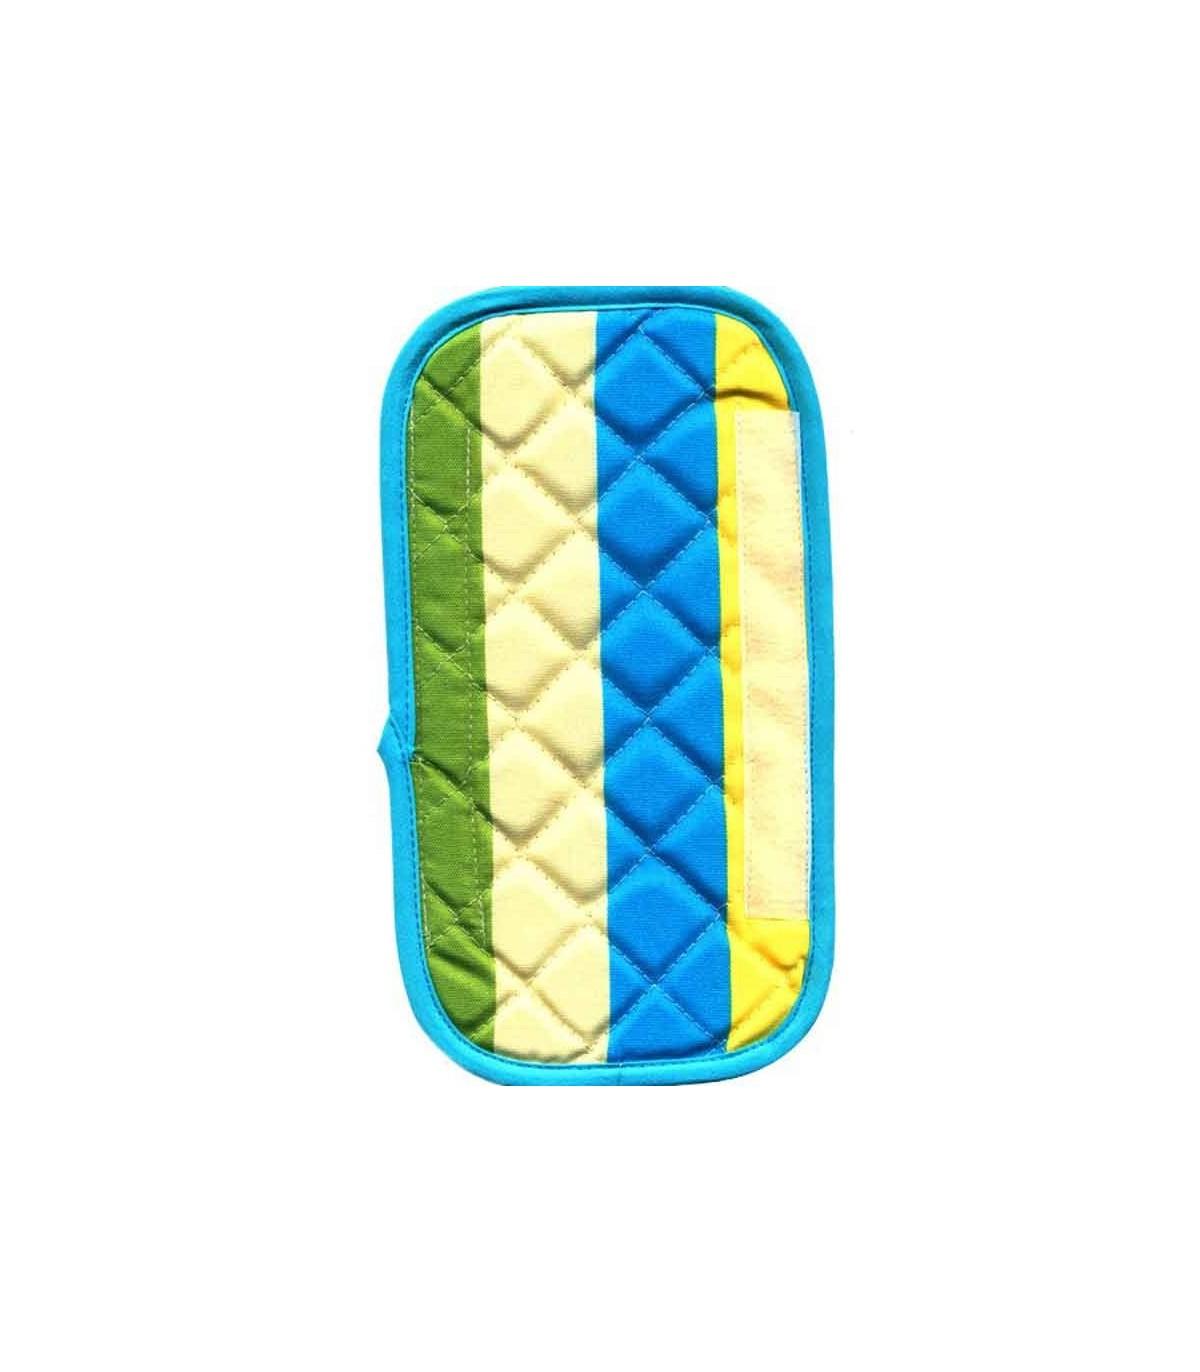 جدیدترین مدل سرویس پارچه ای اشپزخانه طرح رابید آبی